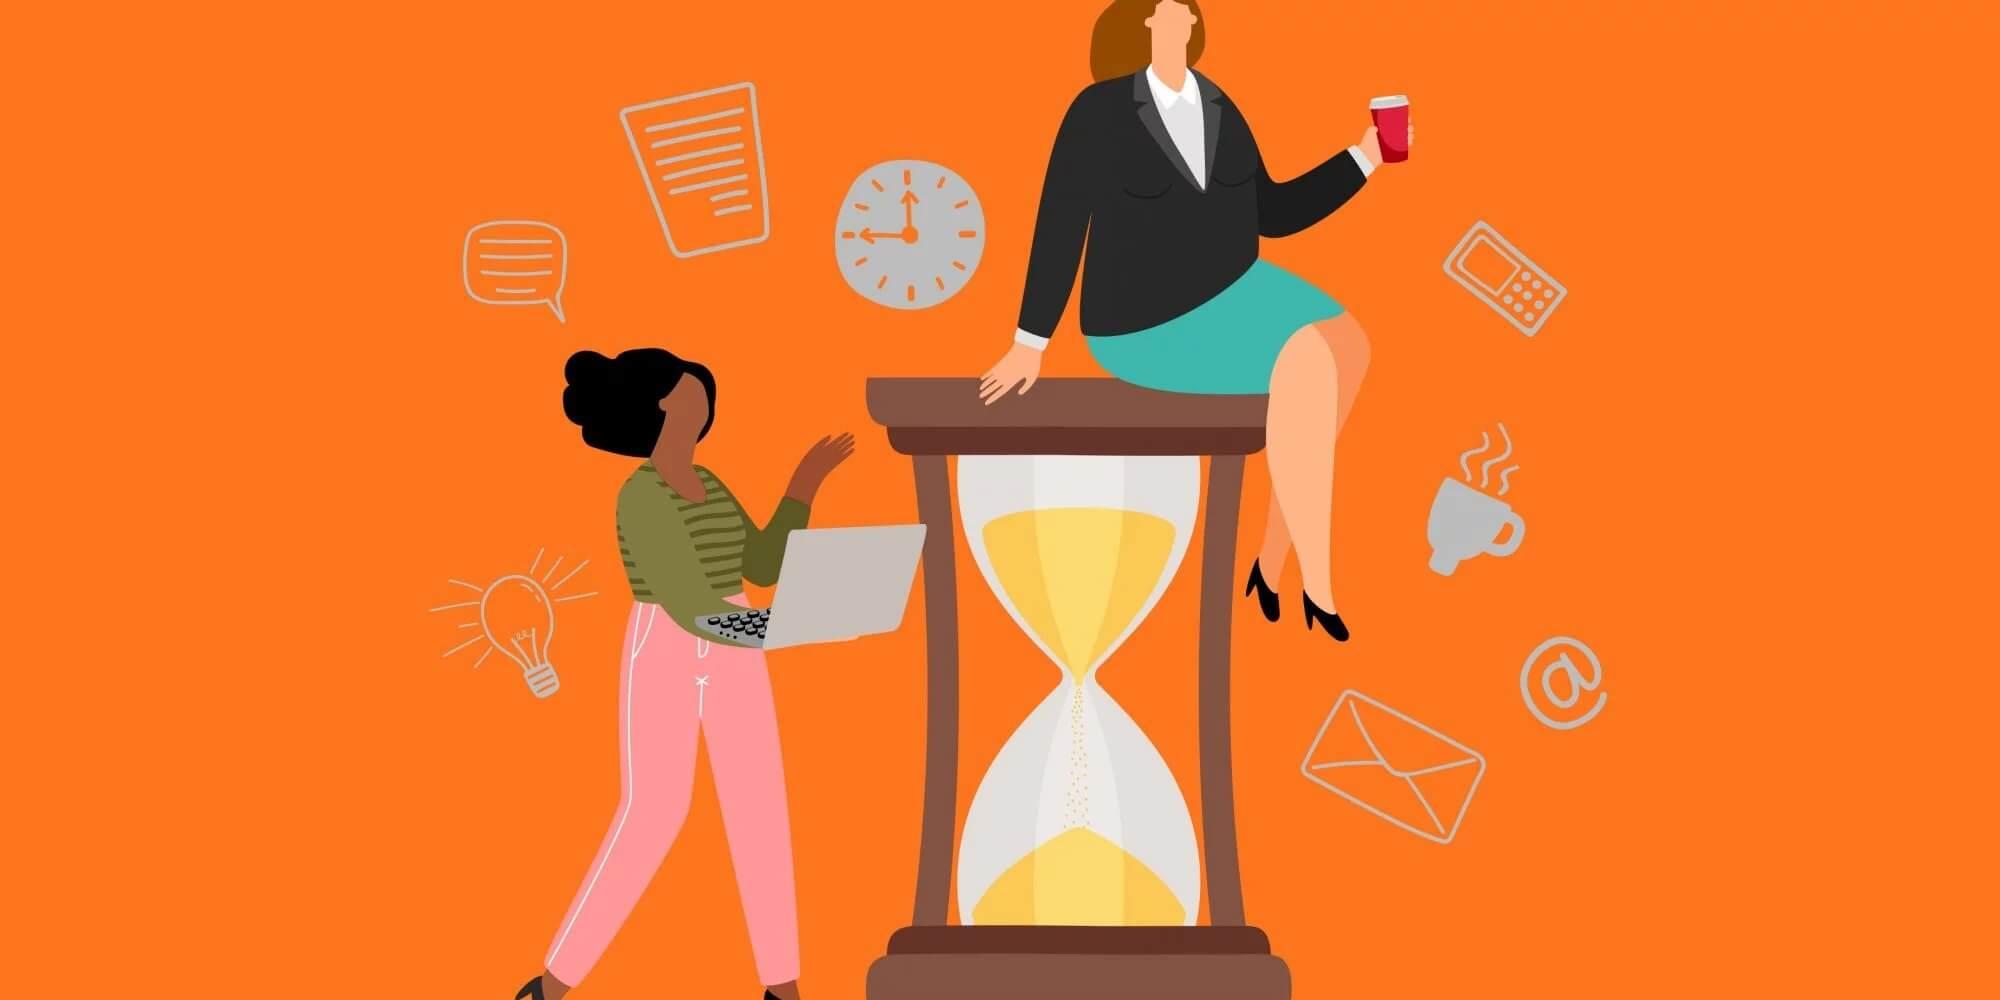 اشتباهات رایج در مدیریت زمان,اشتباهات فنی در مدیریت زمان,اشتباهات مدیریت زمان,